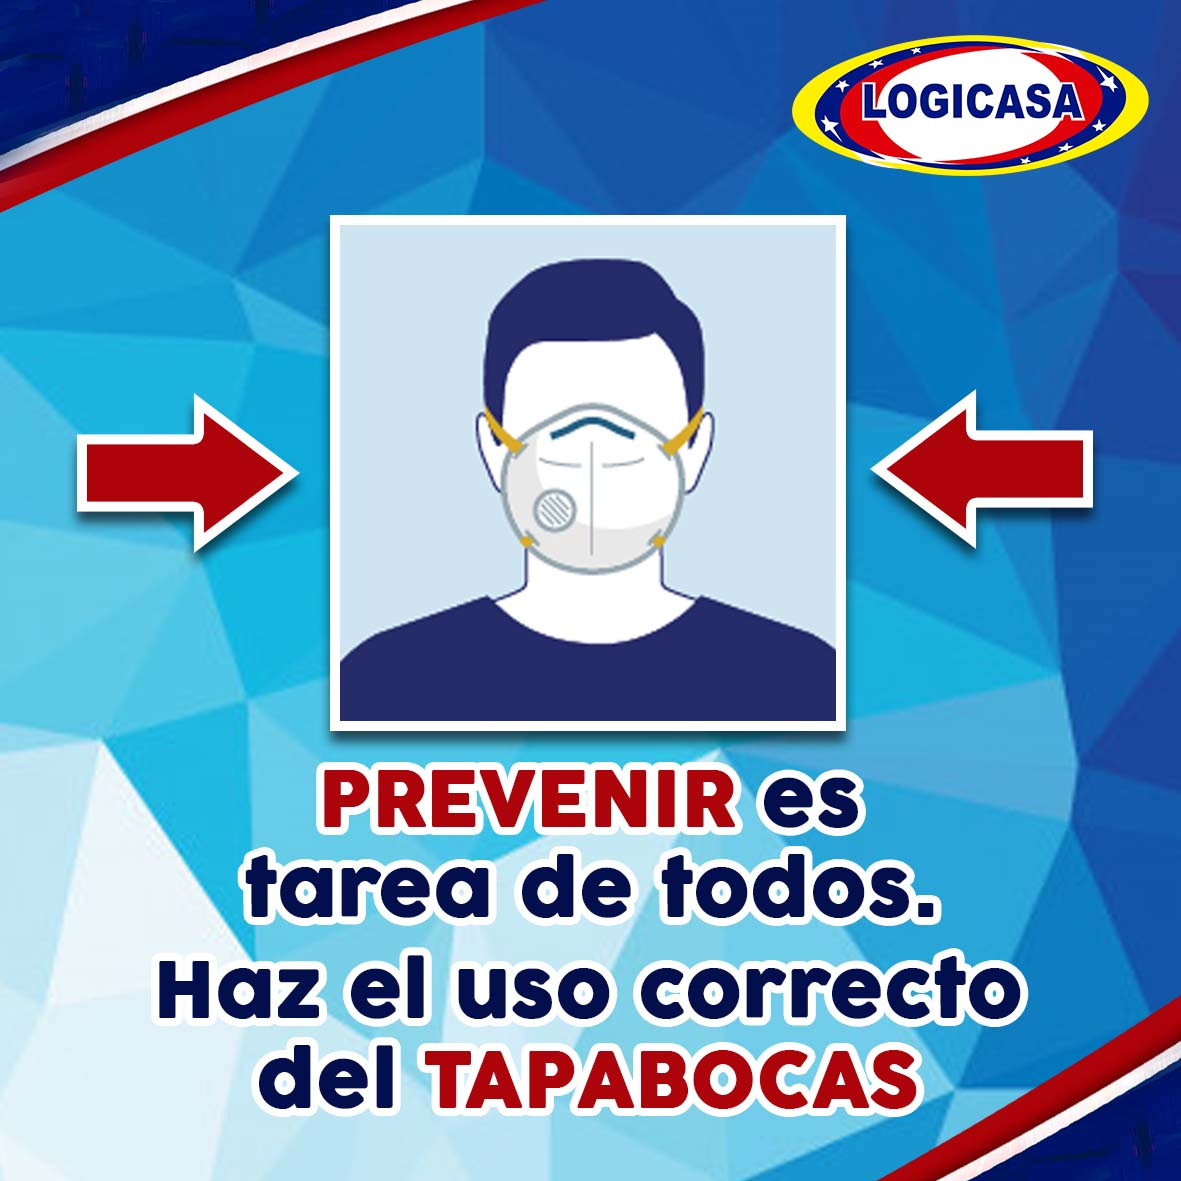 #3Mar Prevenir es tarea de todos. Recuerda utilizar el tapaboca de forma correcta para prevenir el contagio con el #Covid_19   #SoberaníaEsPoderPopular